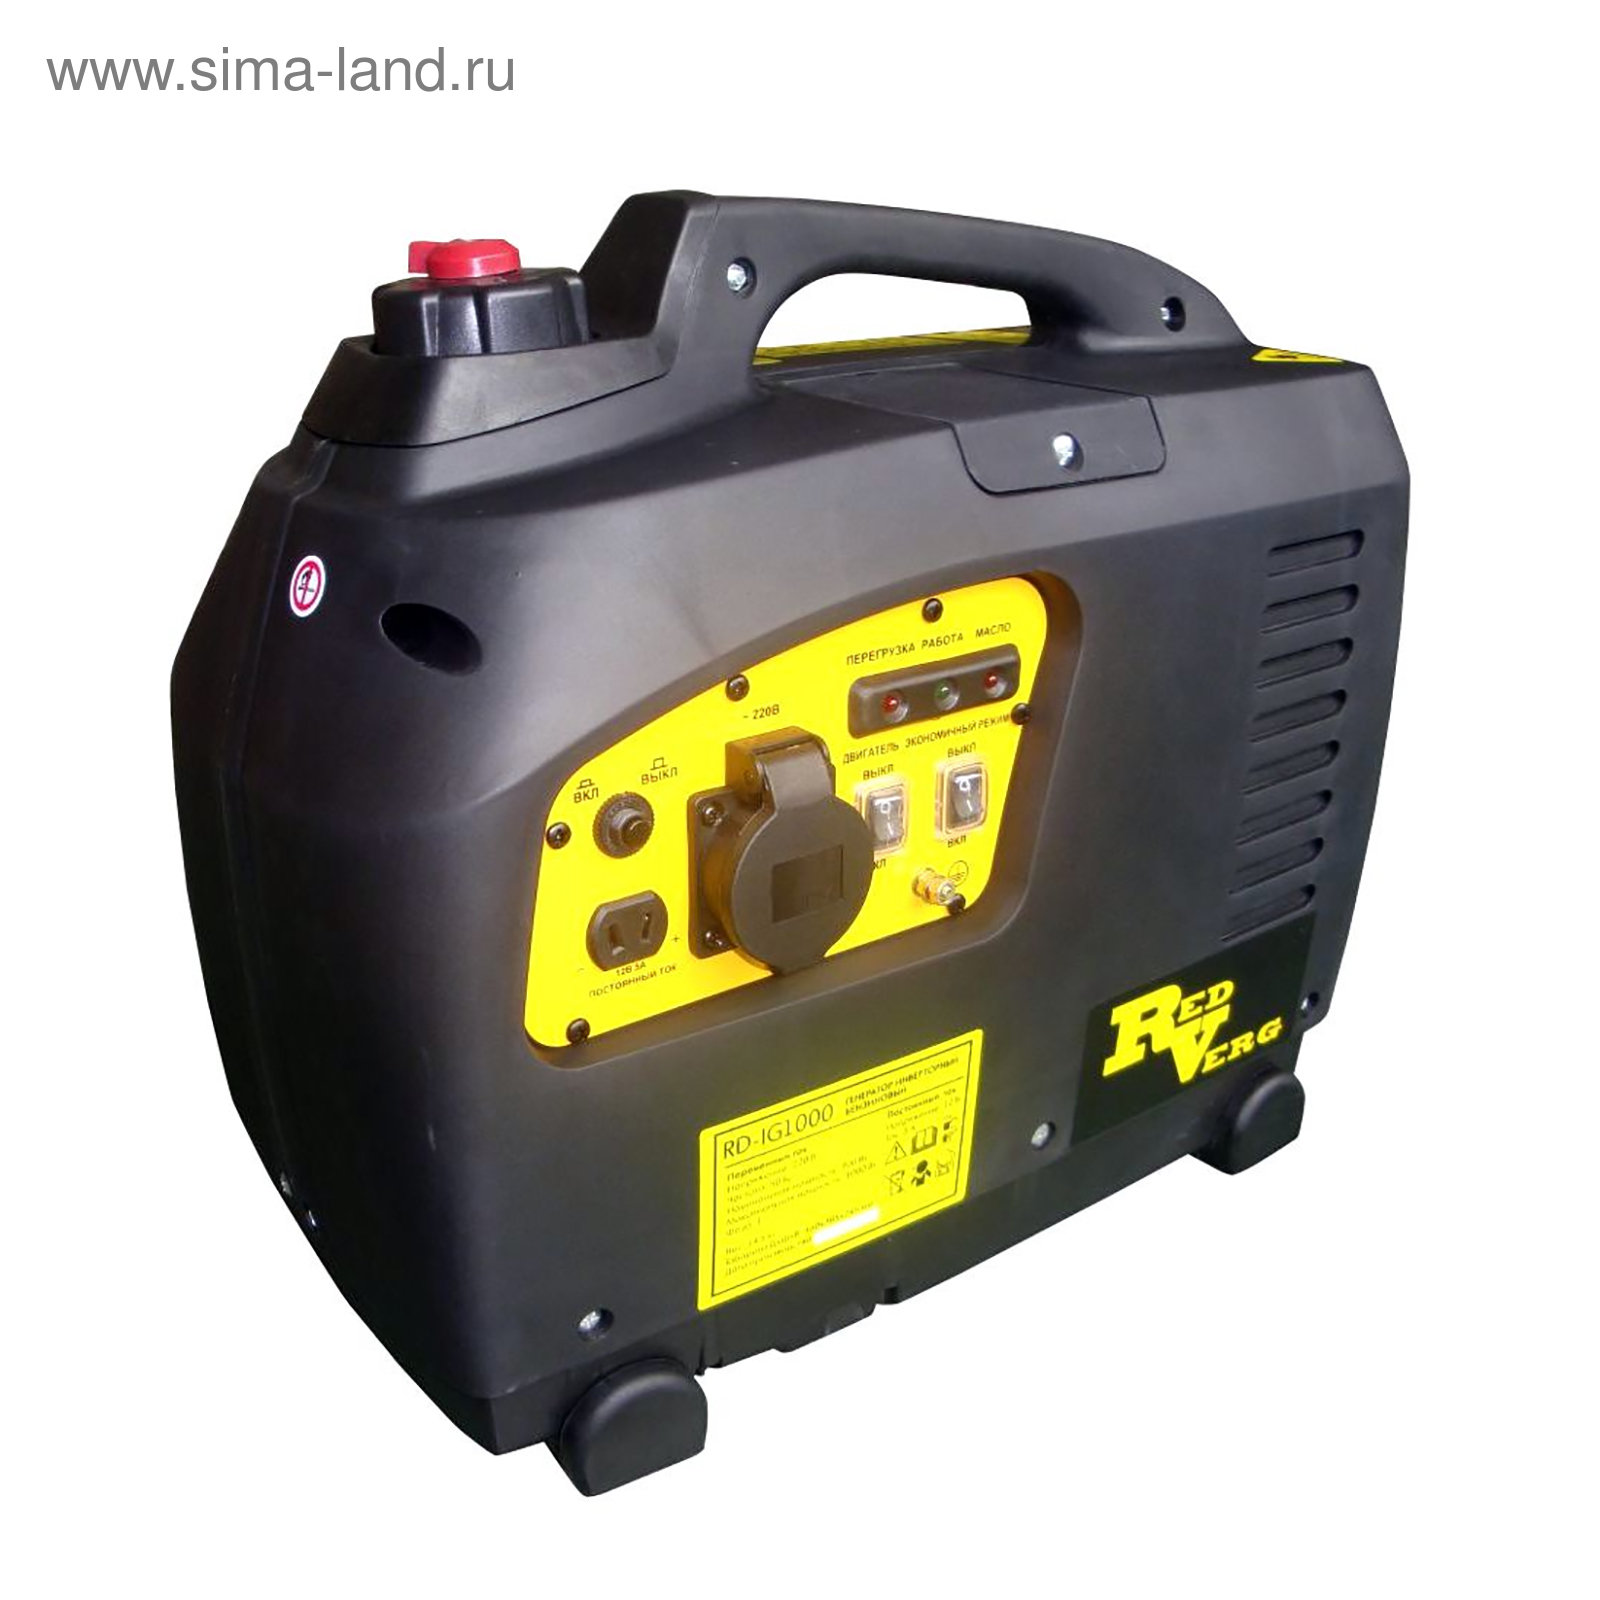 Бензиновый генератор ig1000 сварочные аппараты в витебске цены